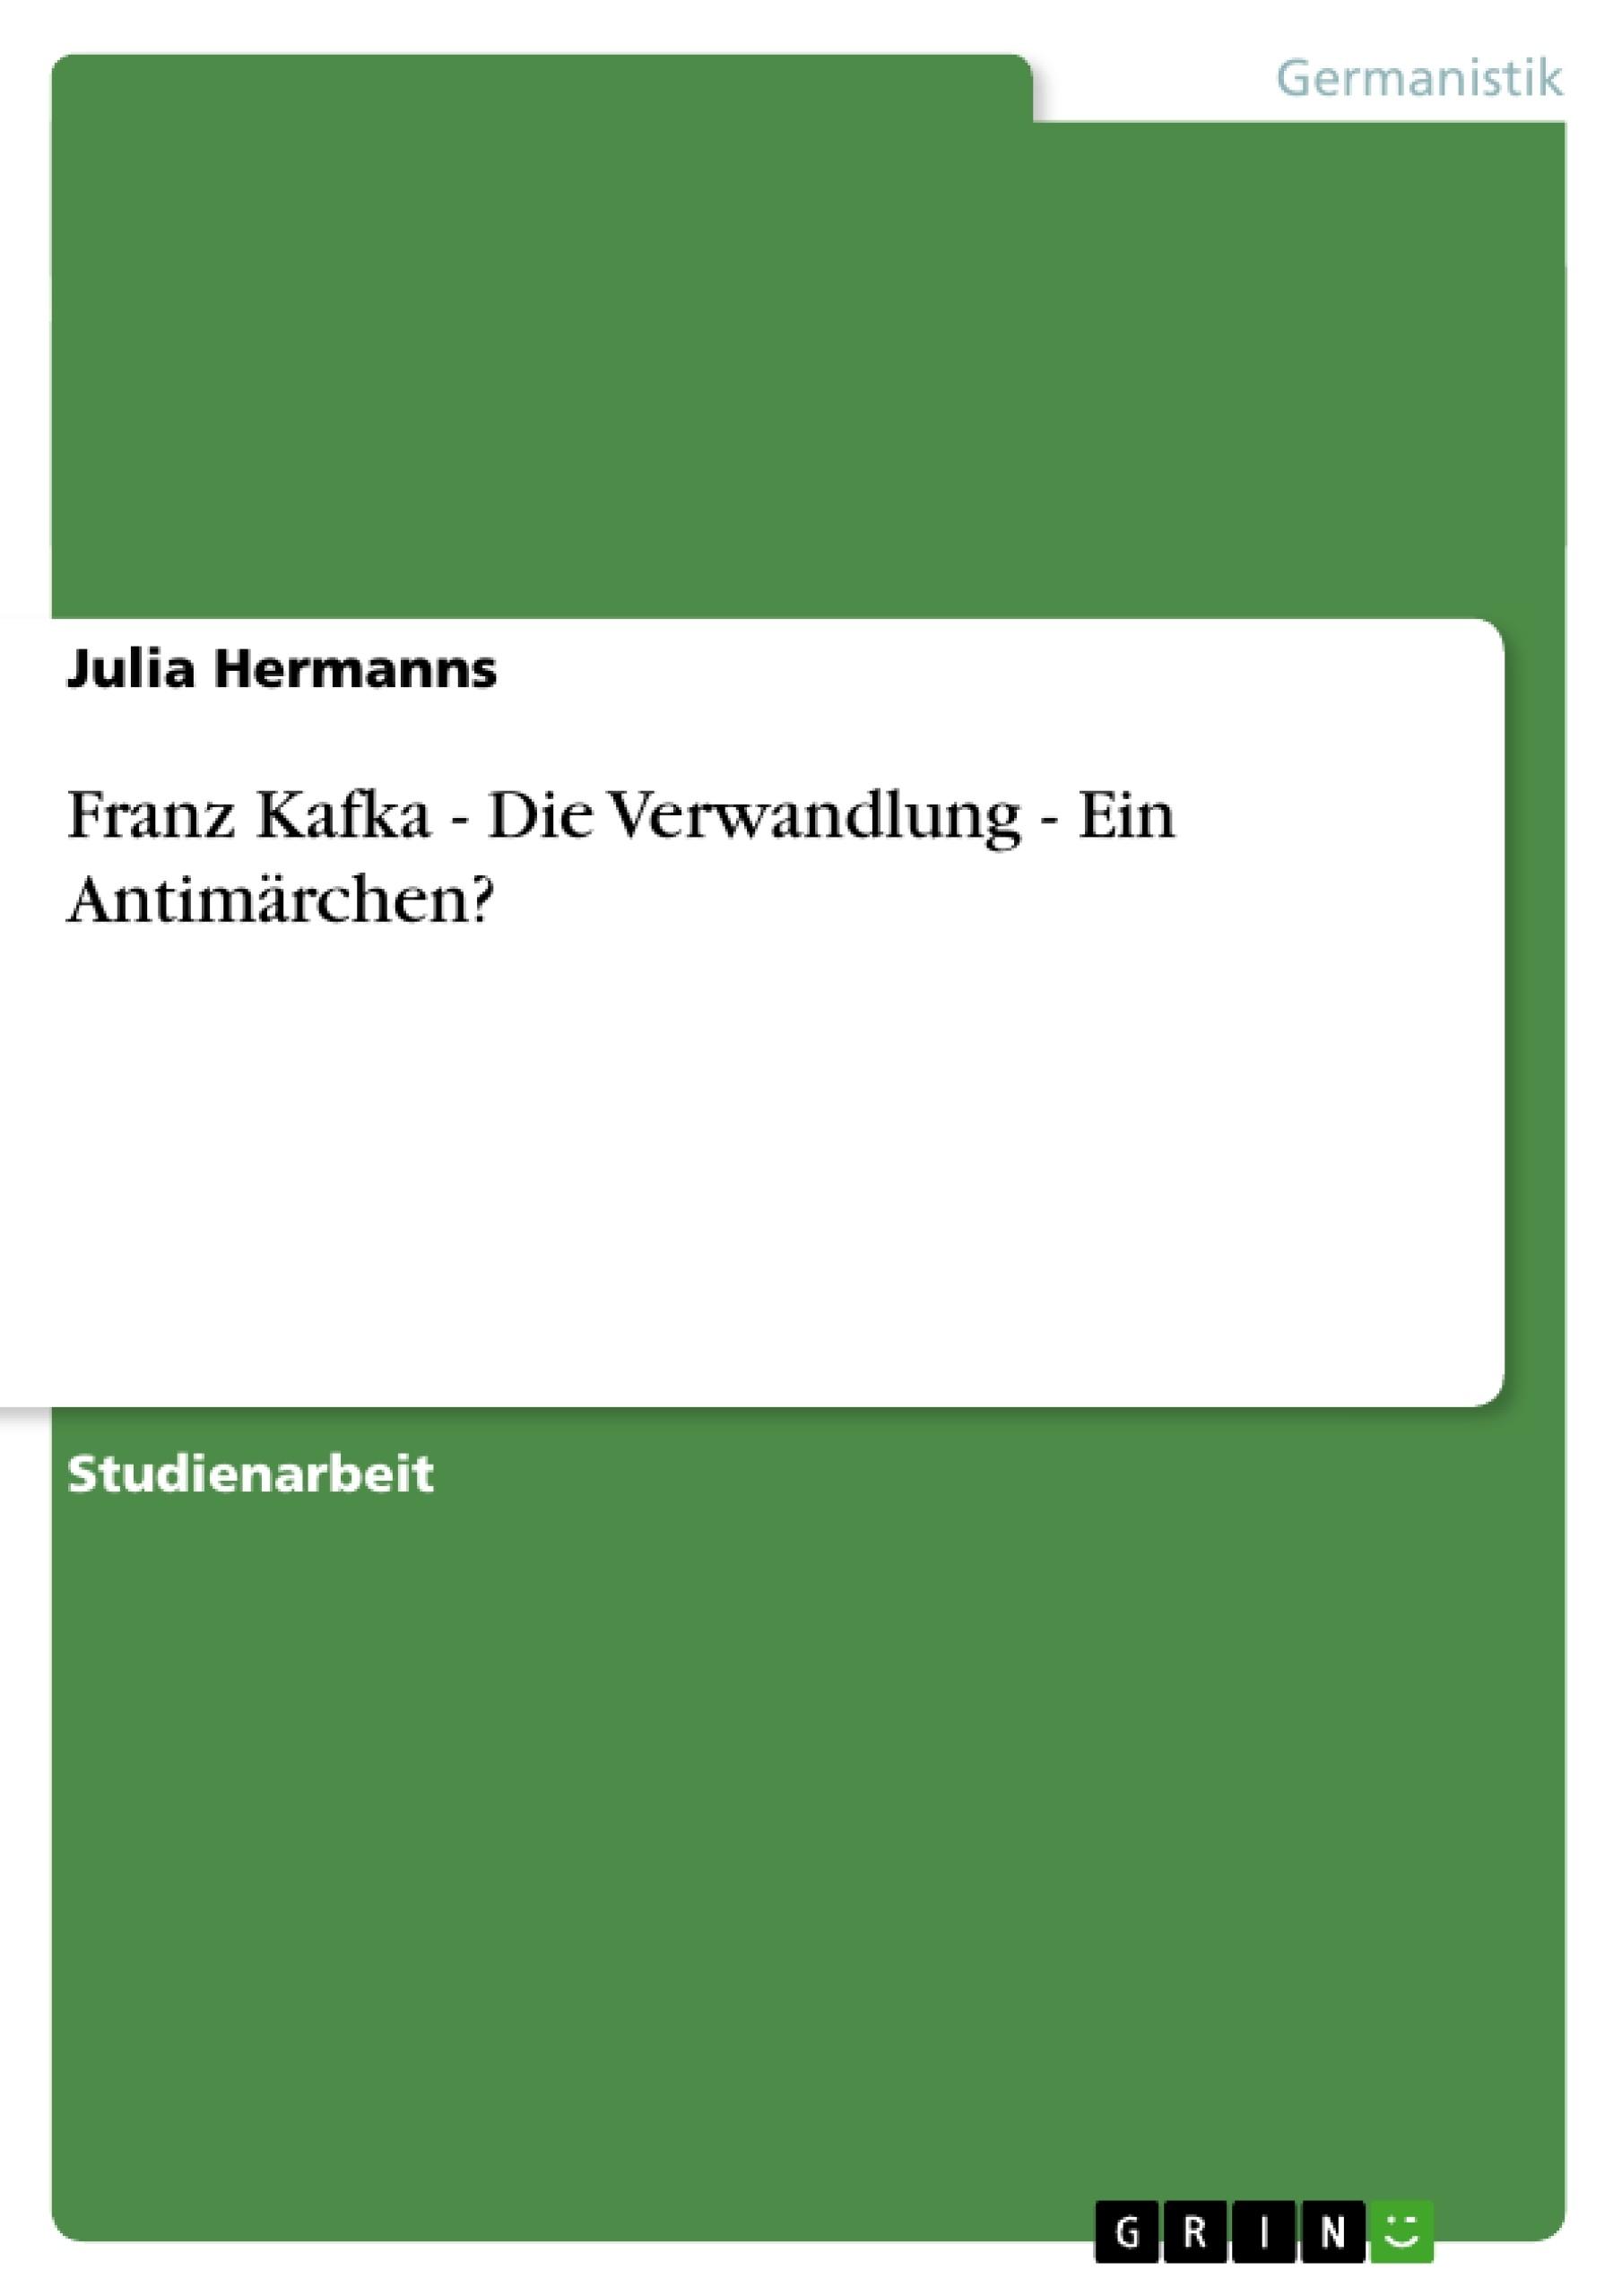 Titel: Franz Kafka - Die Verwandlung - Ein Antimärchen?